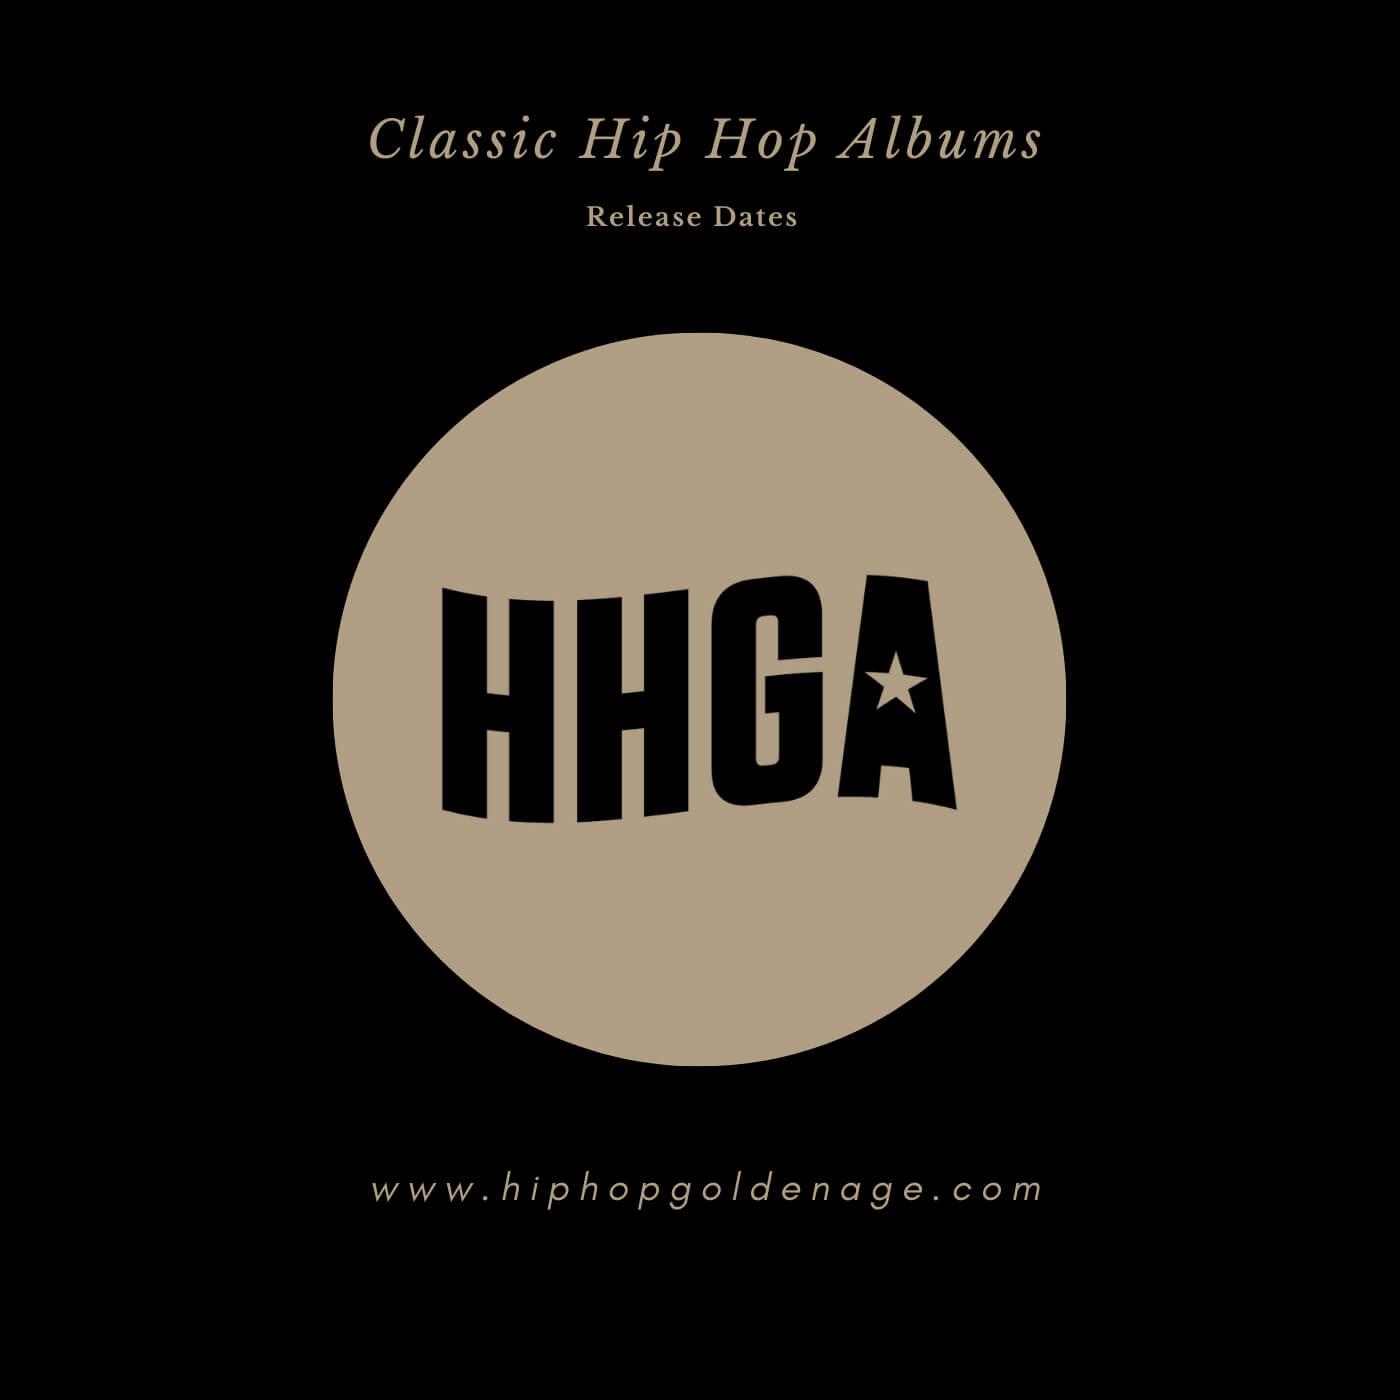 Classic Hip Hop Albums | Releases Dates - Hip Hop Golden Age